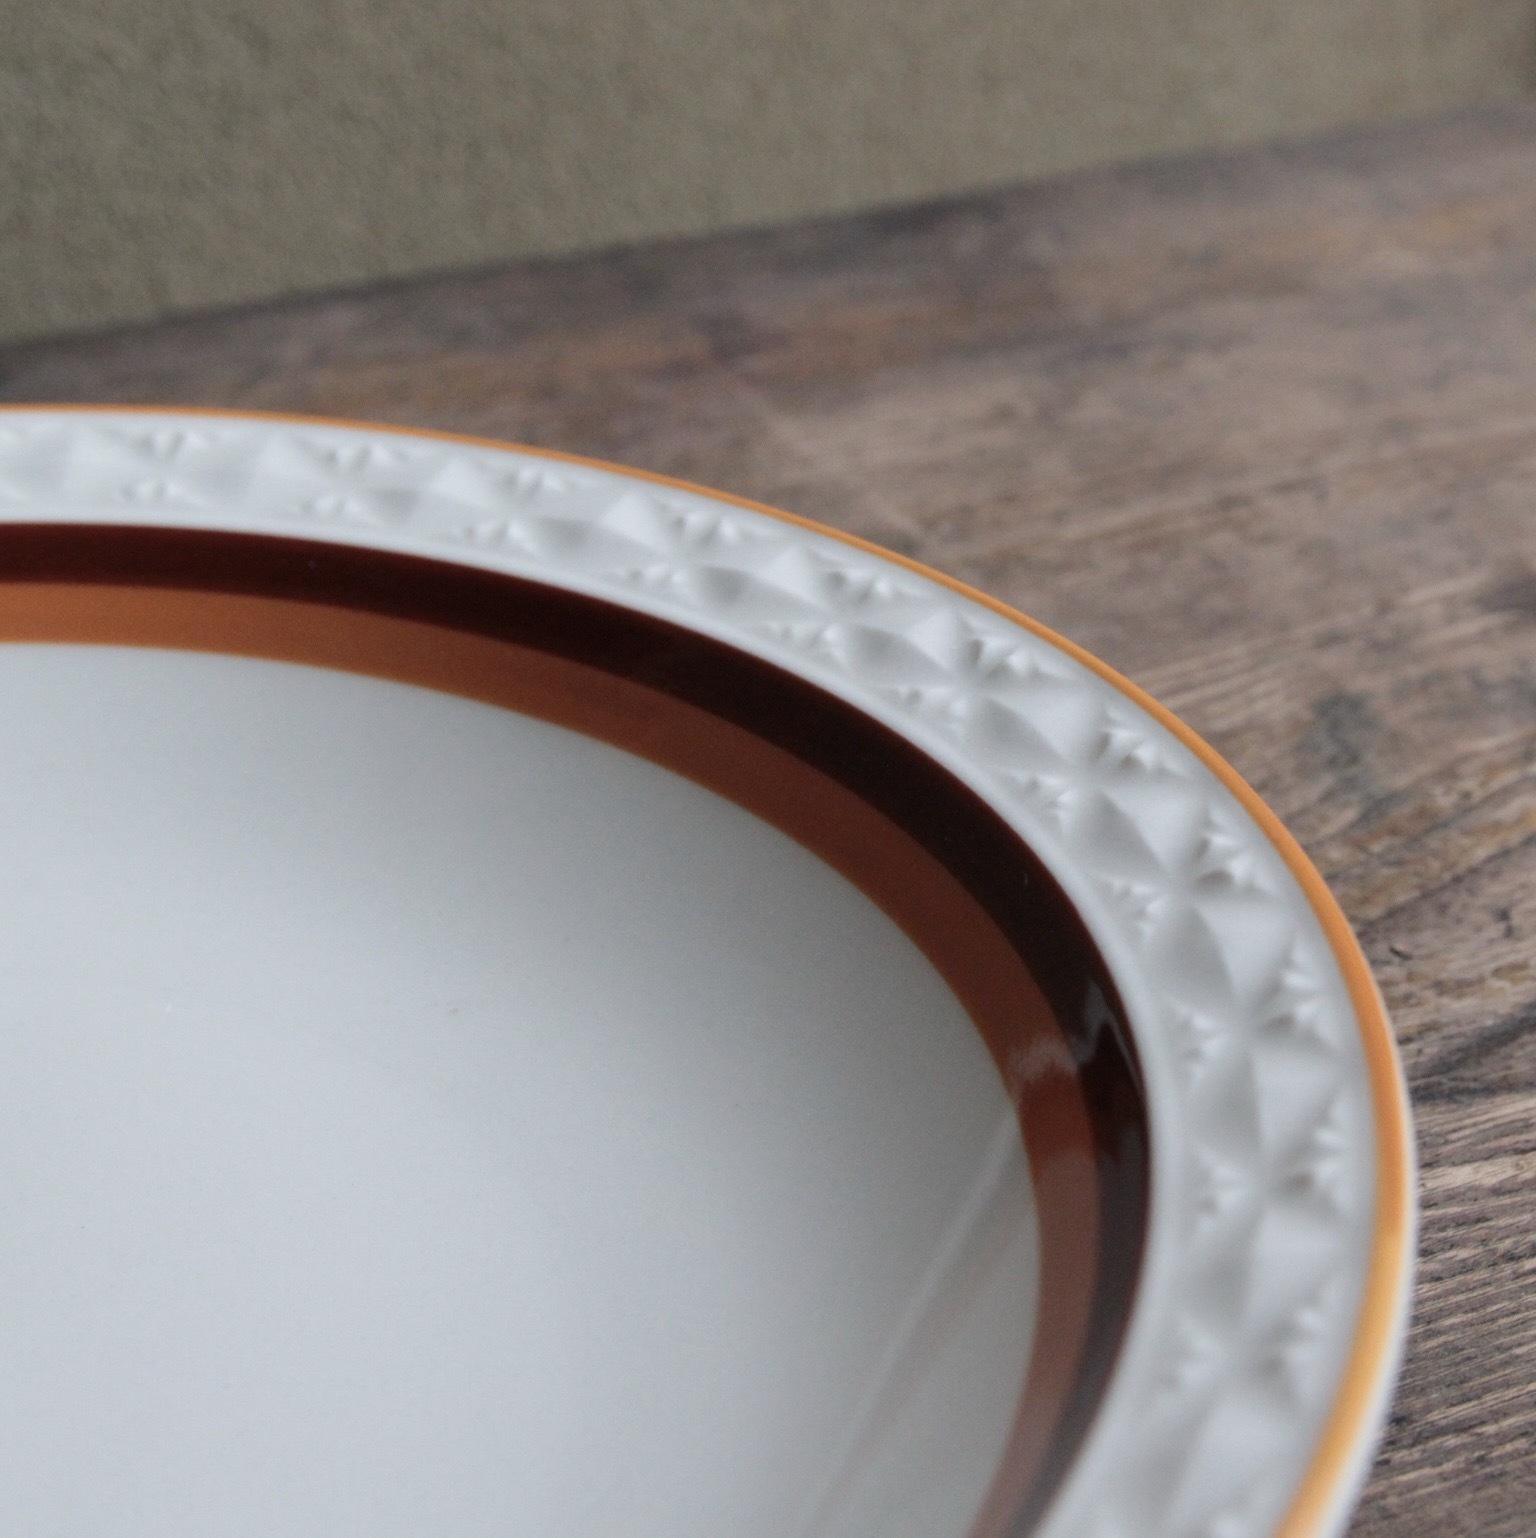 茶とオレンジのサークルラインのカレー皿 残1枚